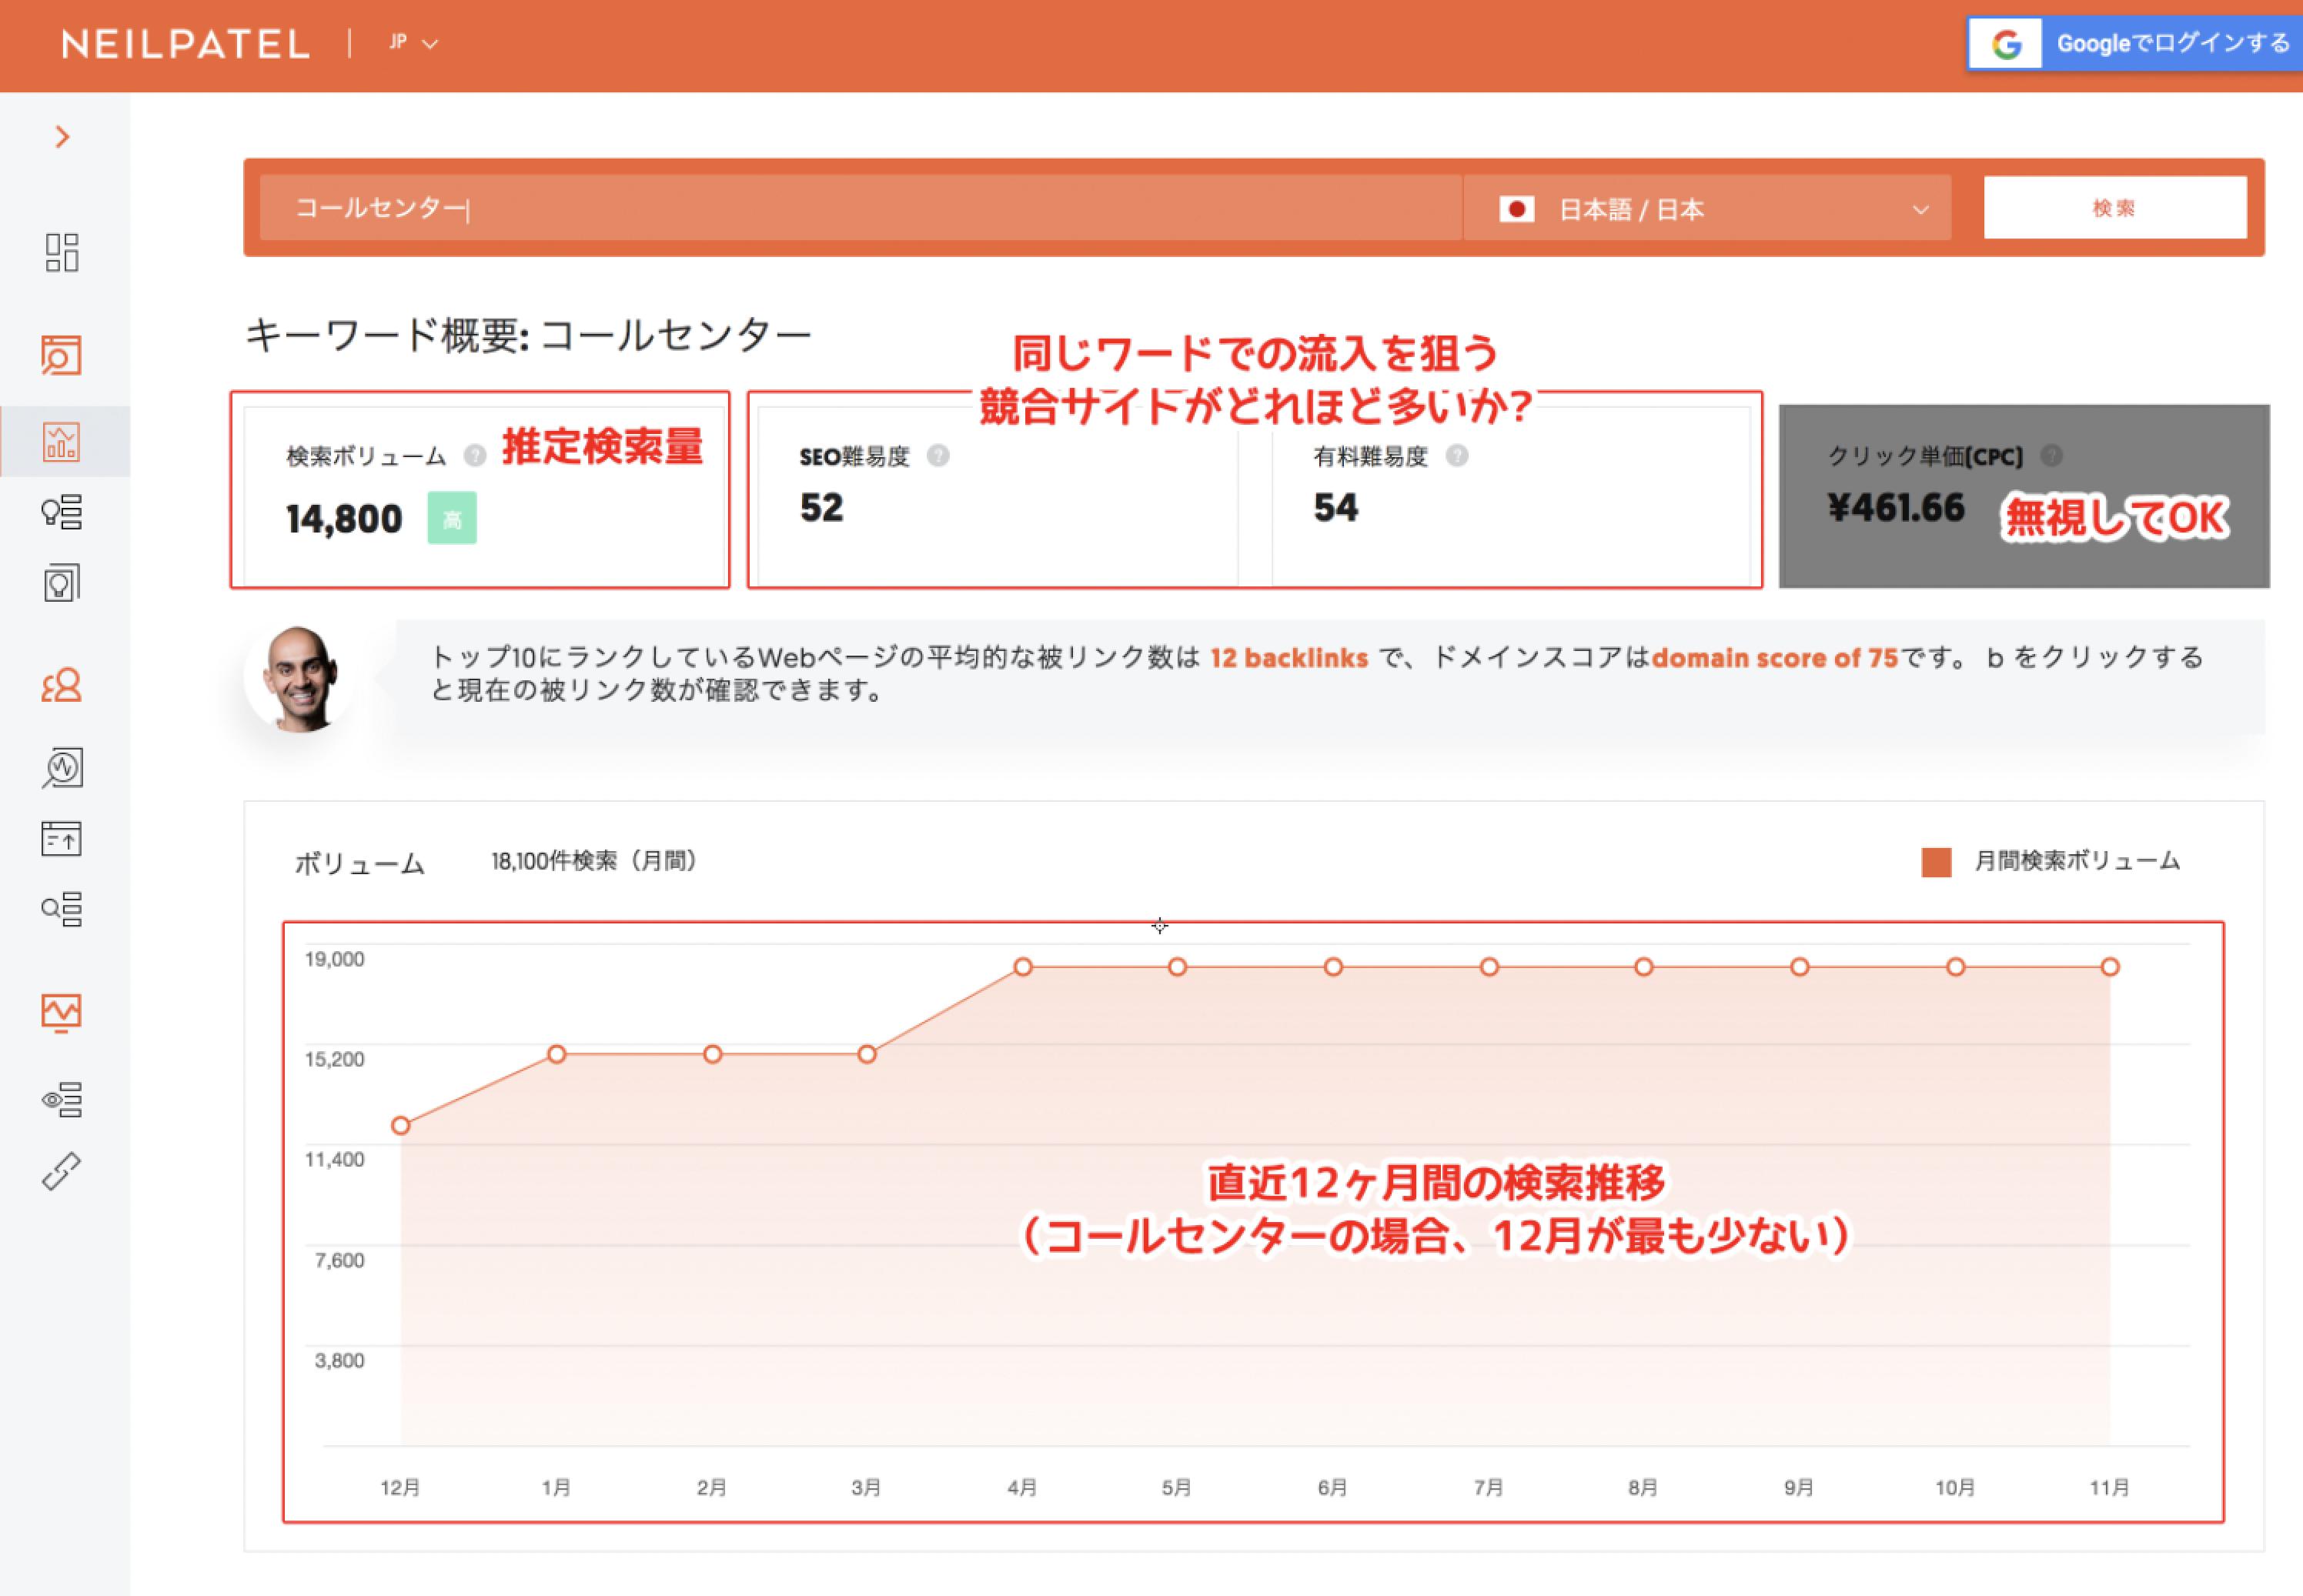 検索結果画面の解説。検索ボリュームは推定検索量、SEO・競合難易度は同じキーワードを狙う競合の数、画面下部のグラフは直近12ヶ月の検索推移を表す